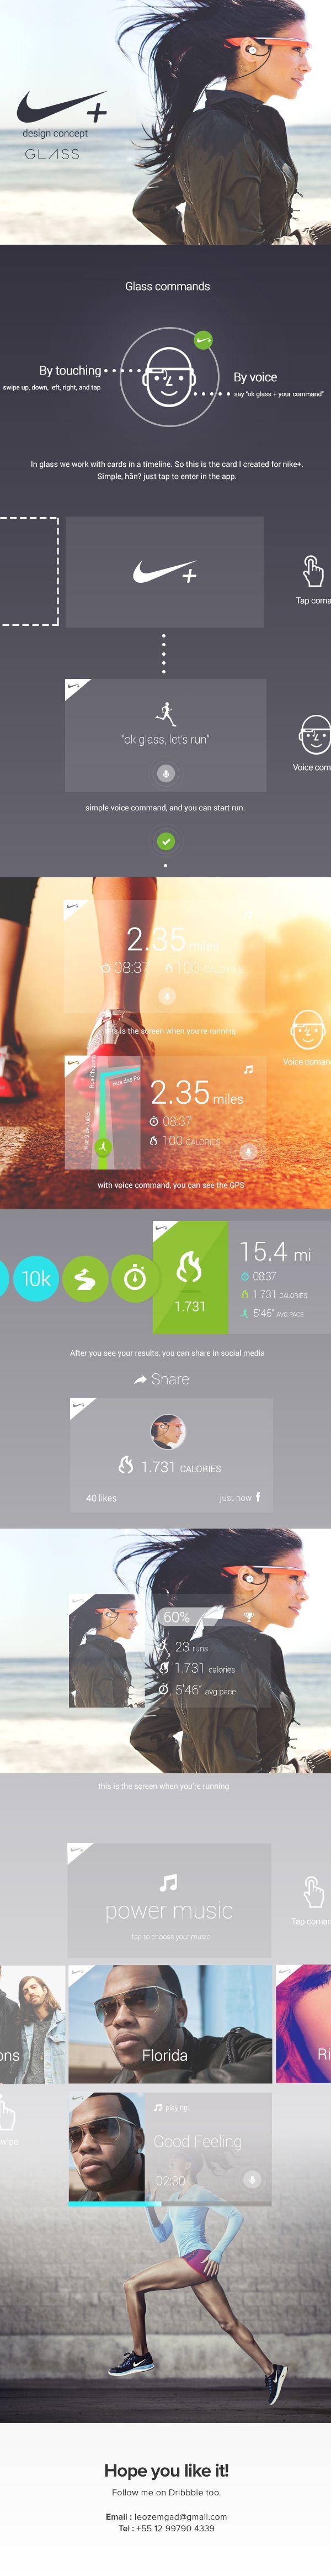 Nike Running for Google Glass by Leonardo Zem, via Behance